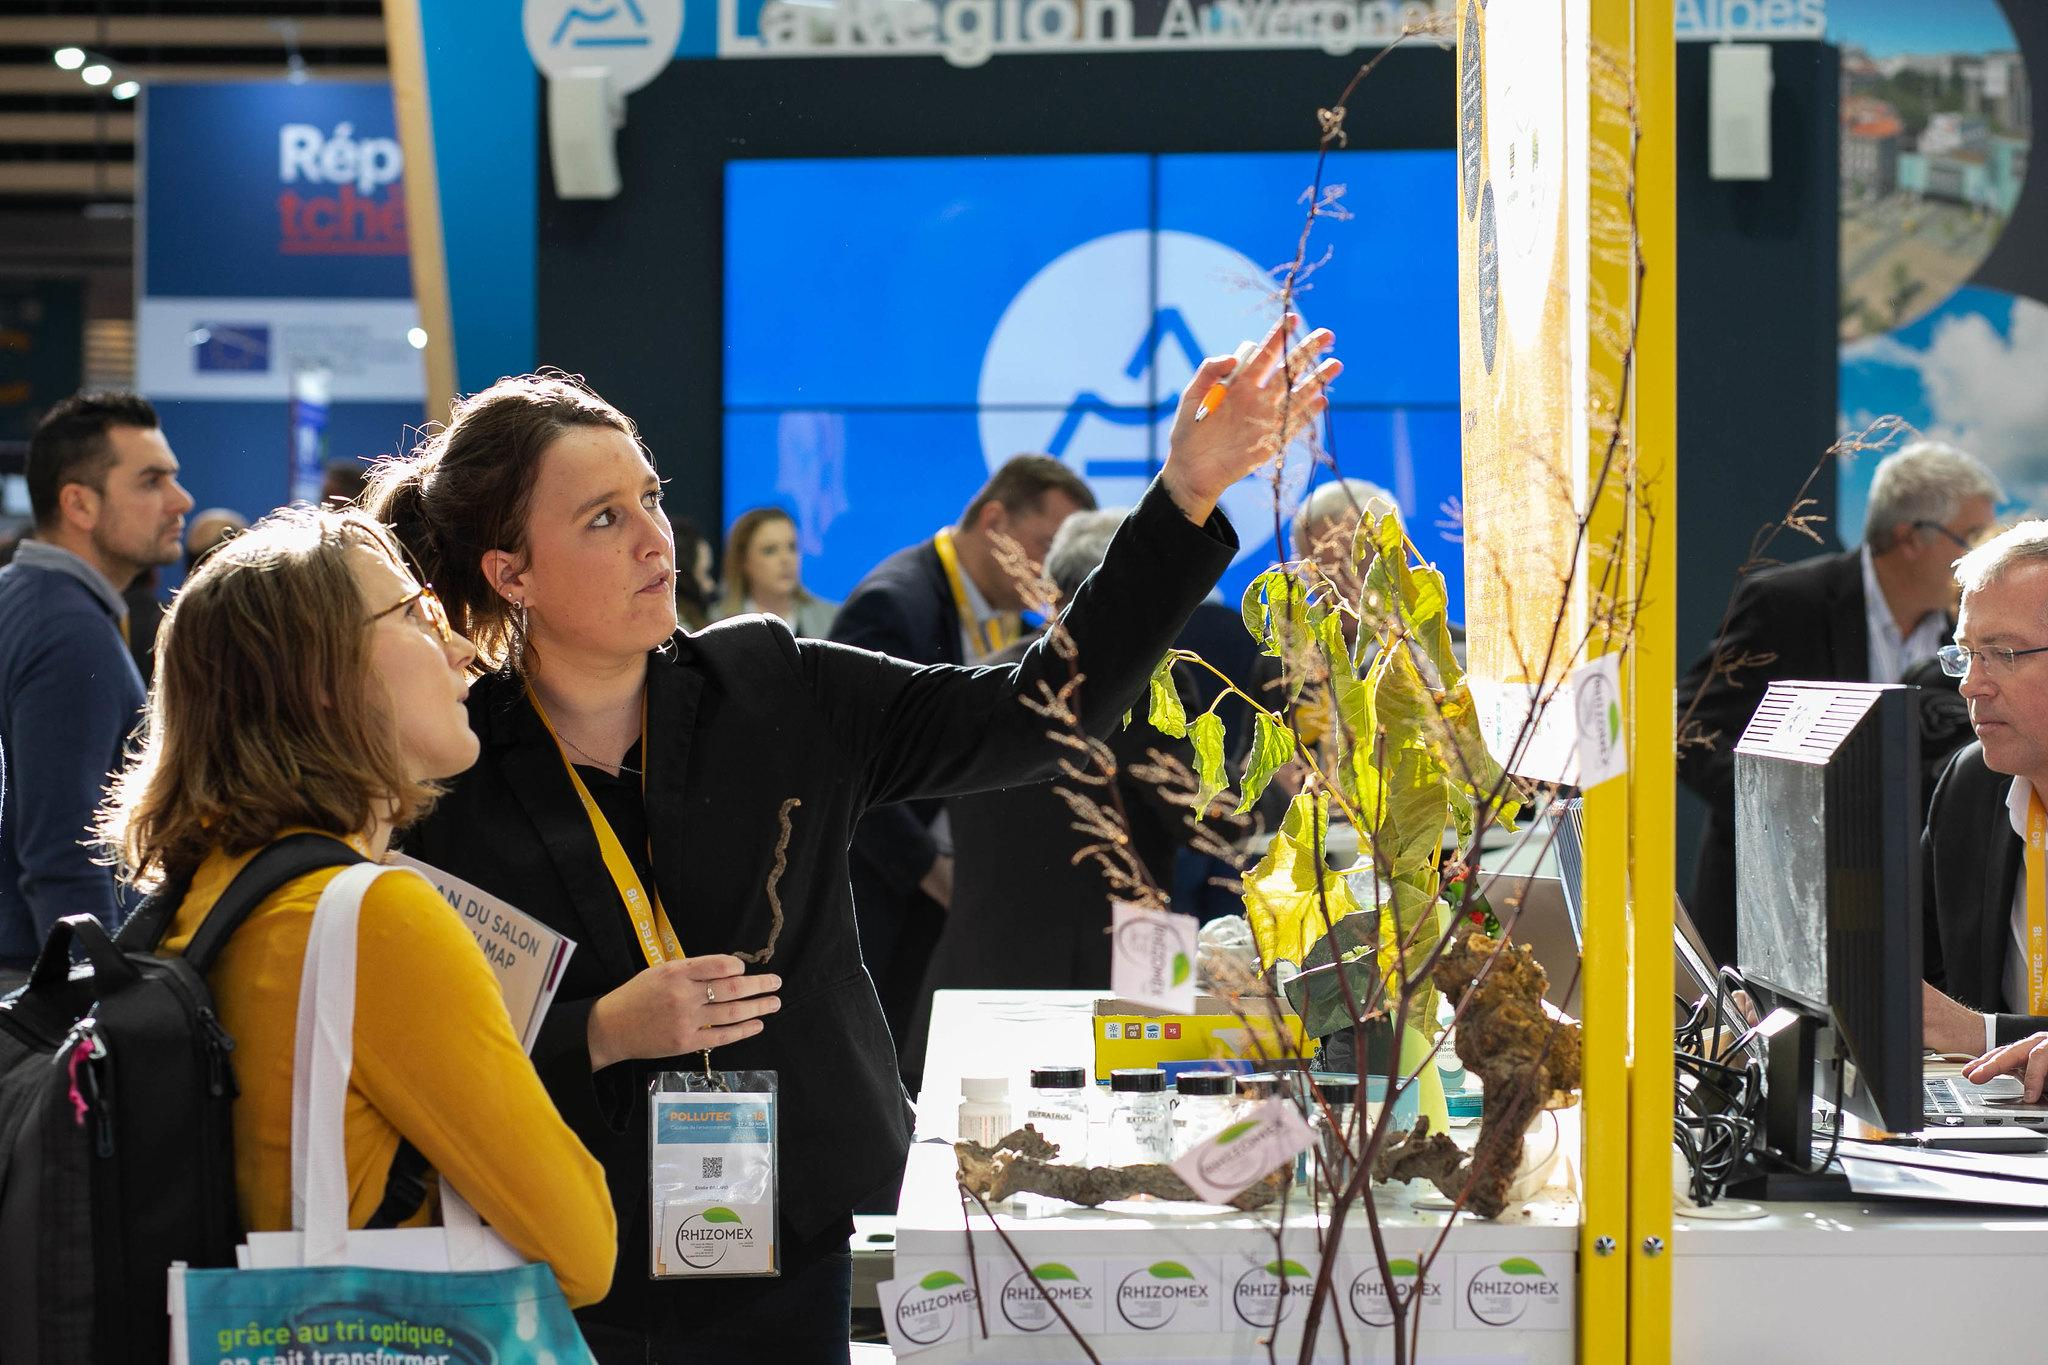 프랑스 리옹 환경 산업 박람회(Pollutec)의 참가기업 부스에서 제품을 살펴보고 있는 참관객들입니다.